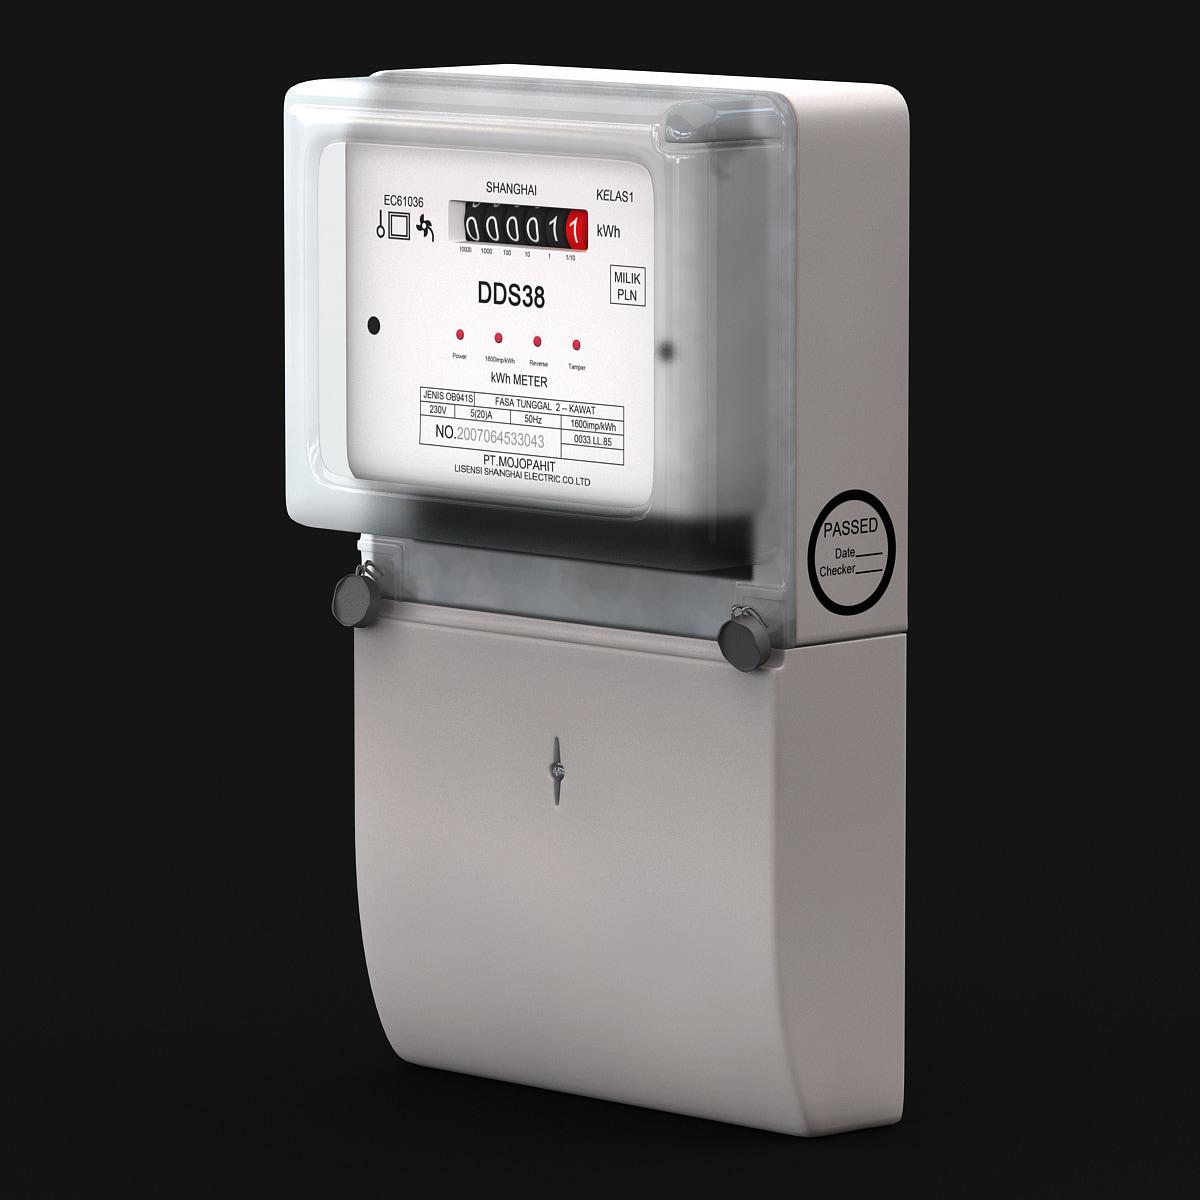 Electric_Meter_DDS38_001.jpg